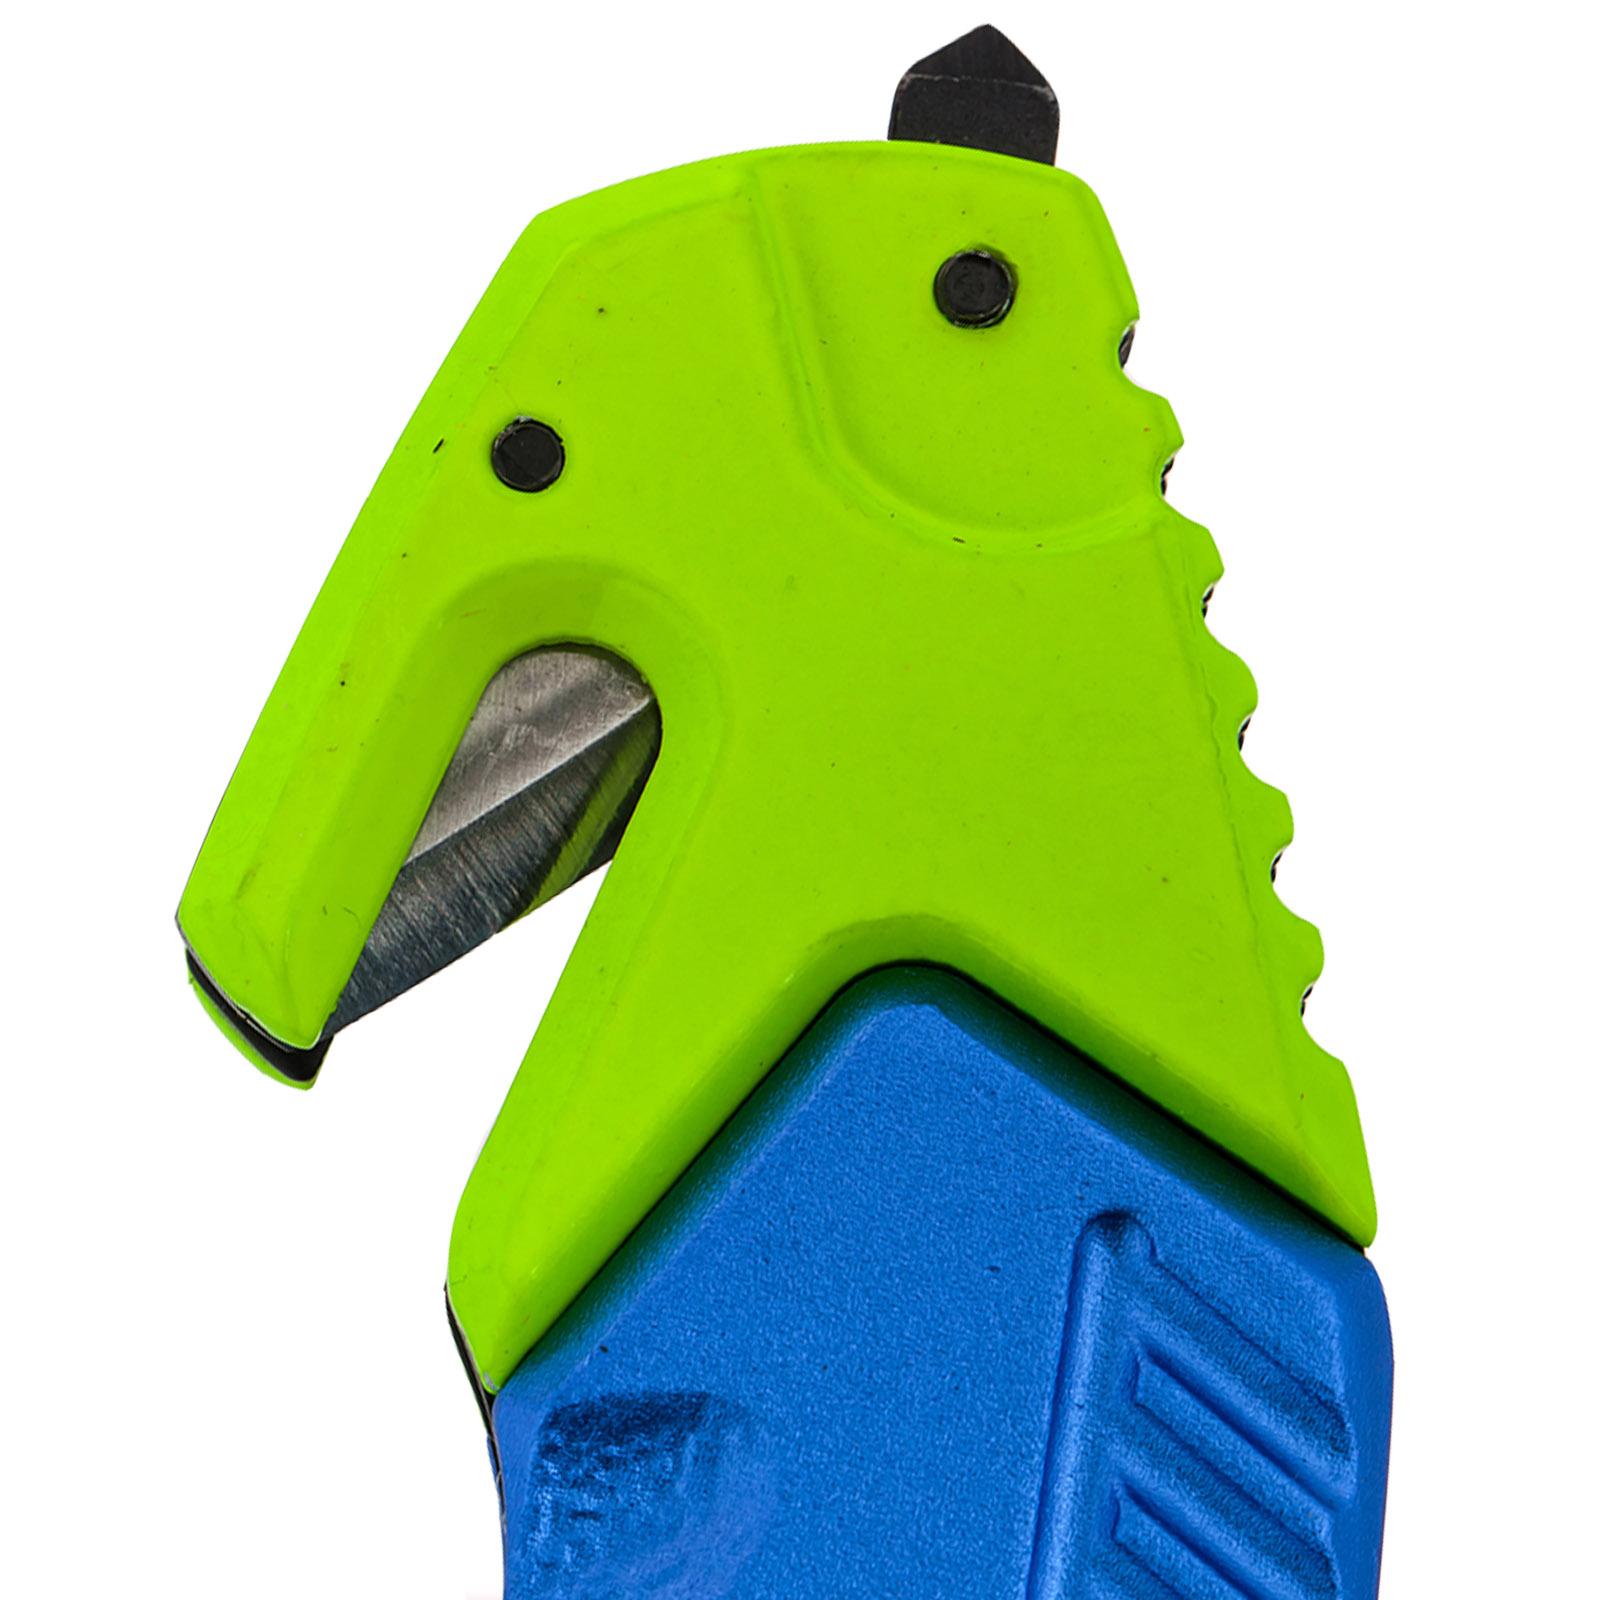 Аварийный складной нож со стеклобоем Colt Rescue Linerlock CT737 (США) - заказать онлайн